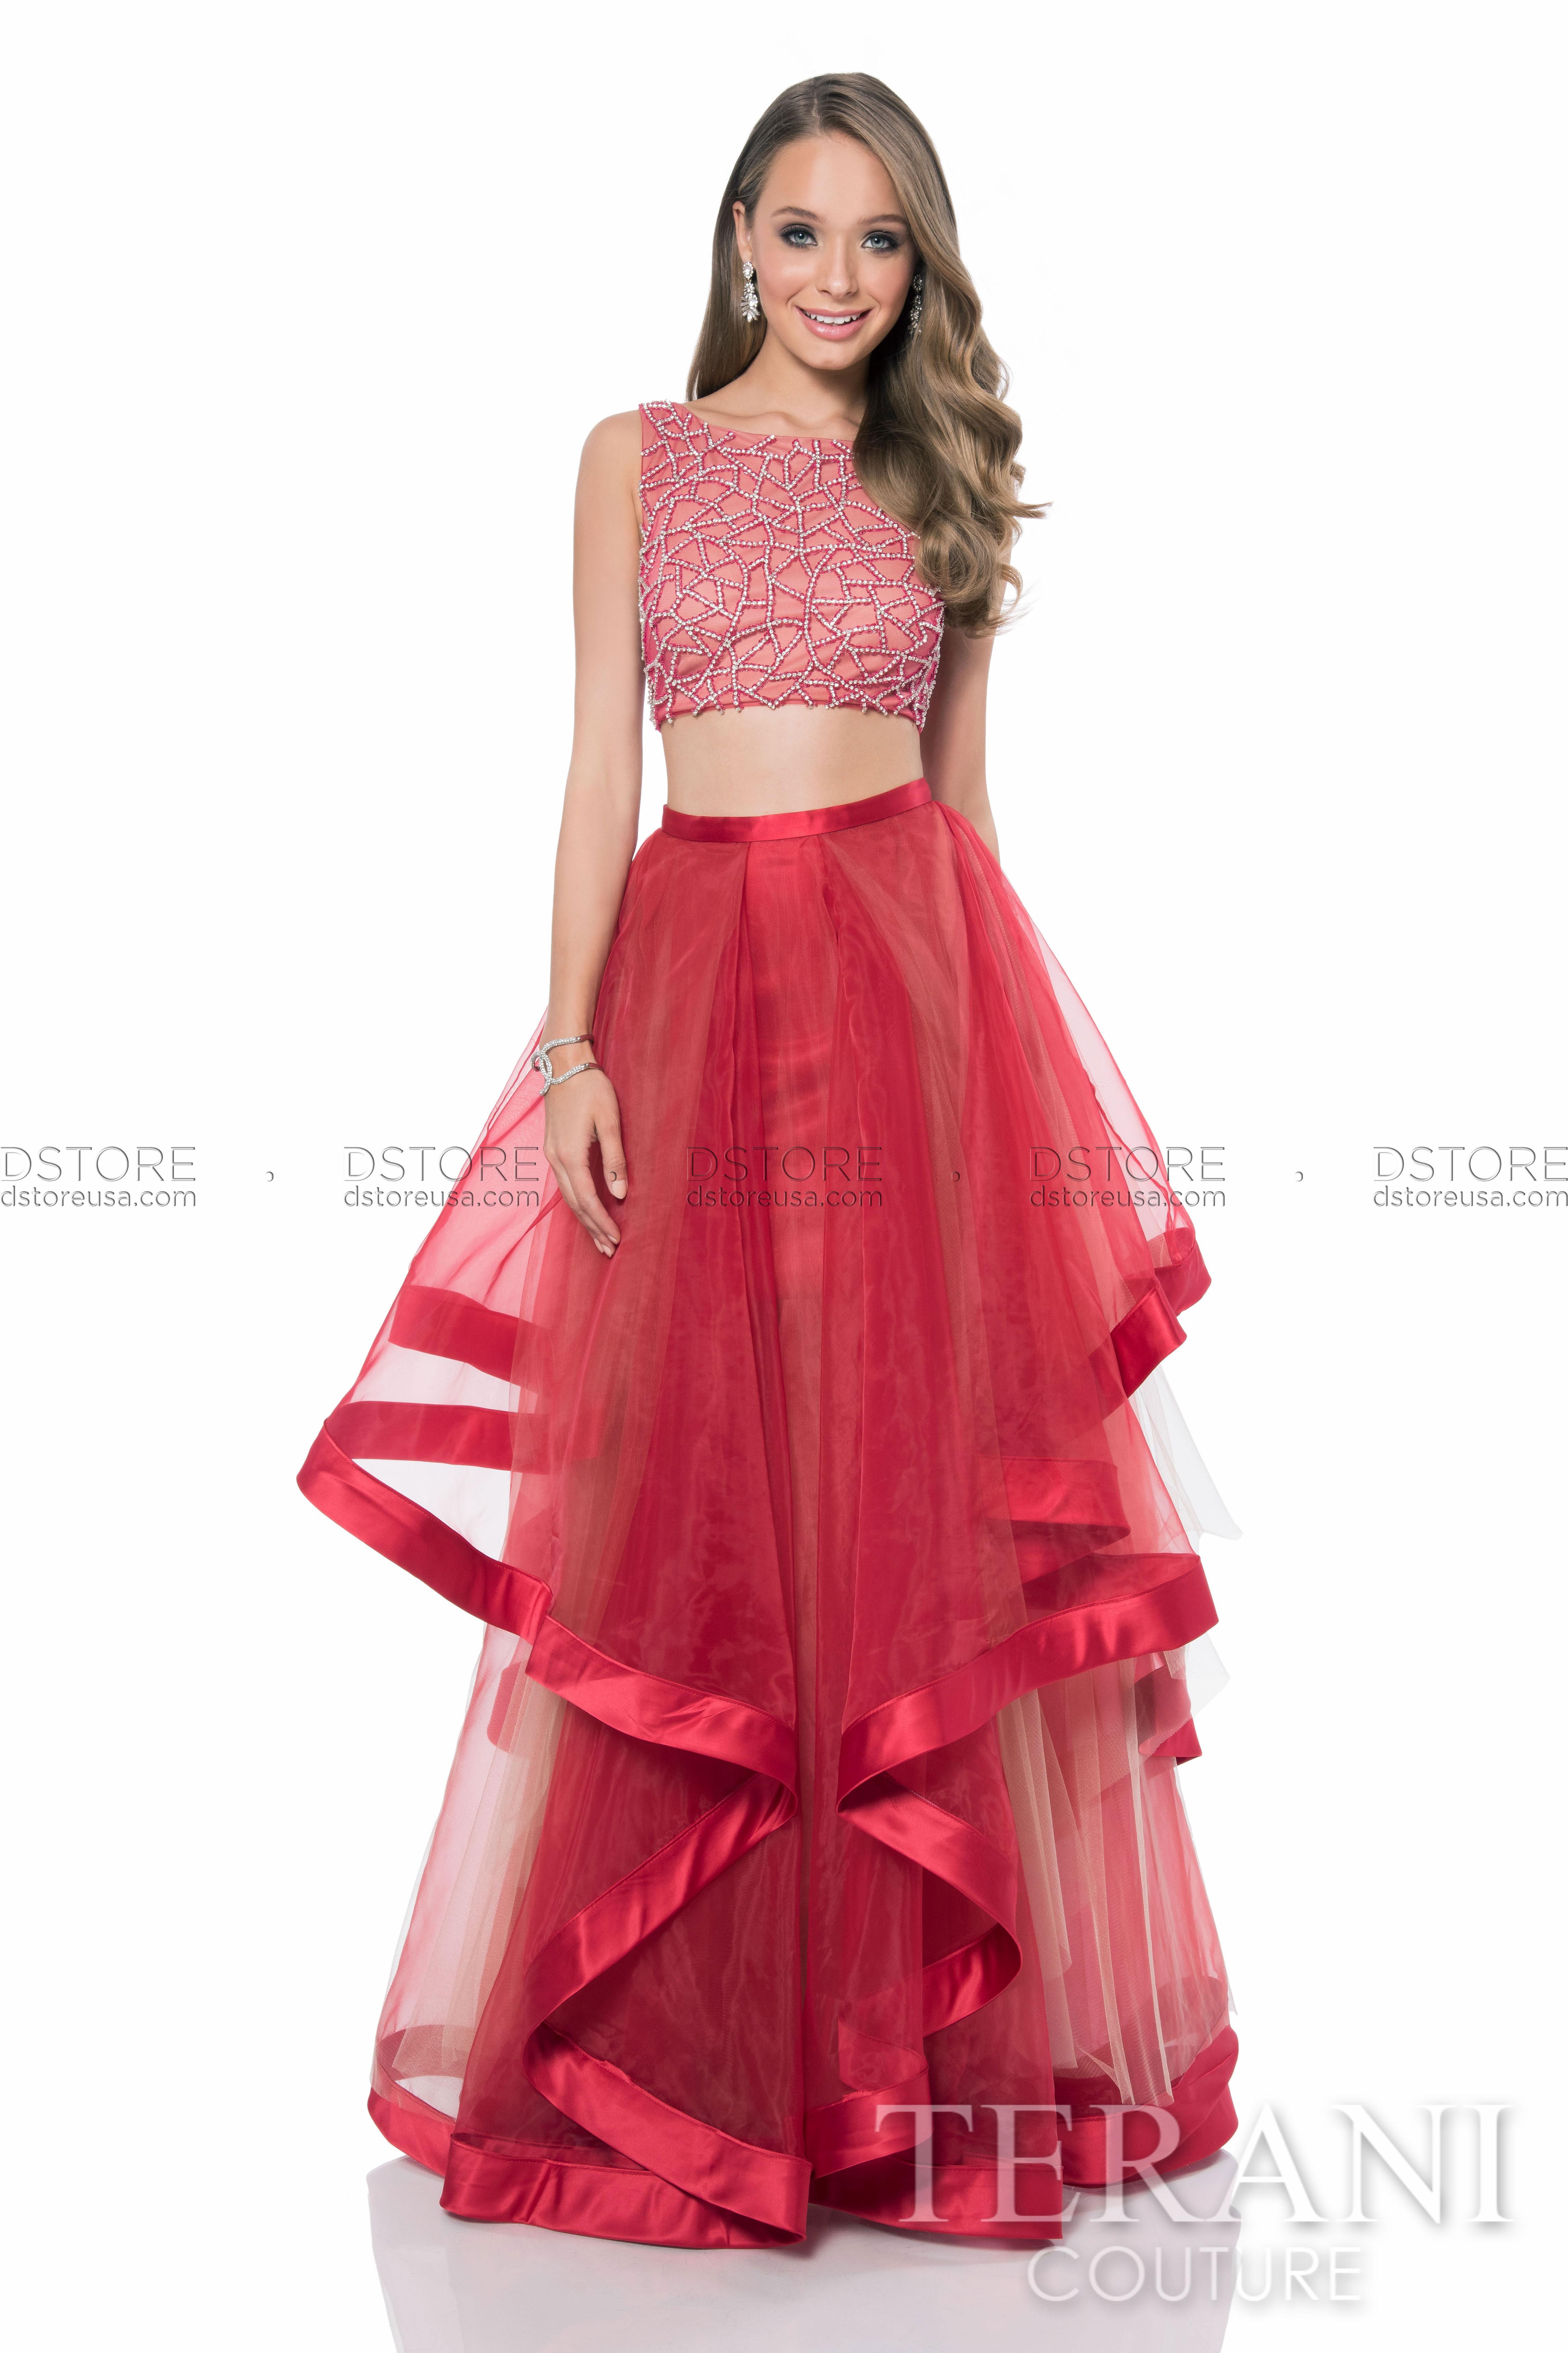 Vestidos de dos piezas la sensación de finales del 2016 - Vestidos Glam